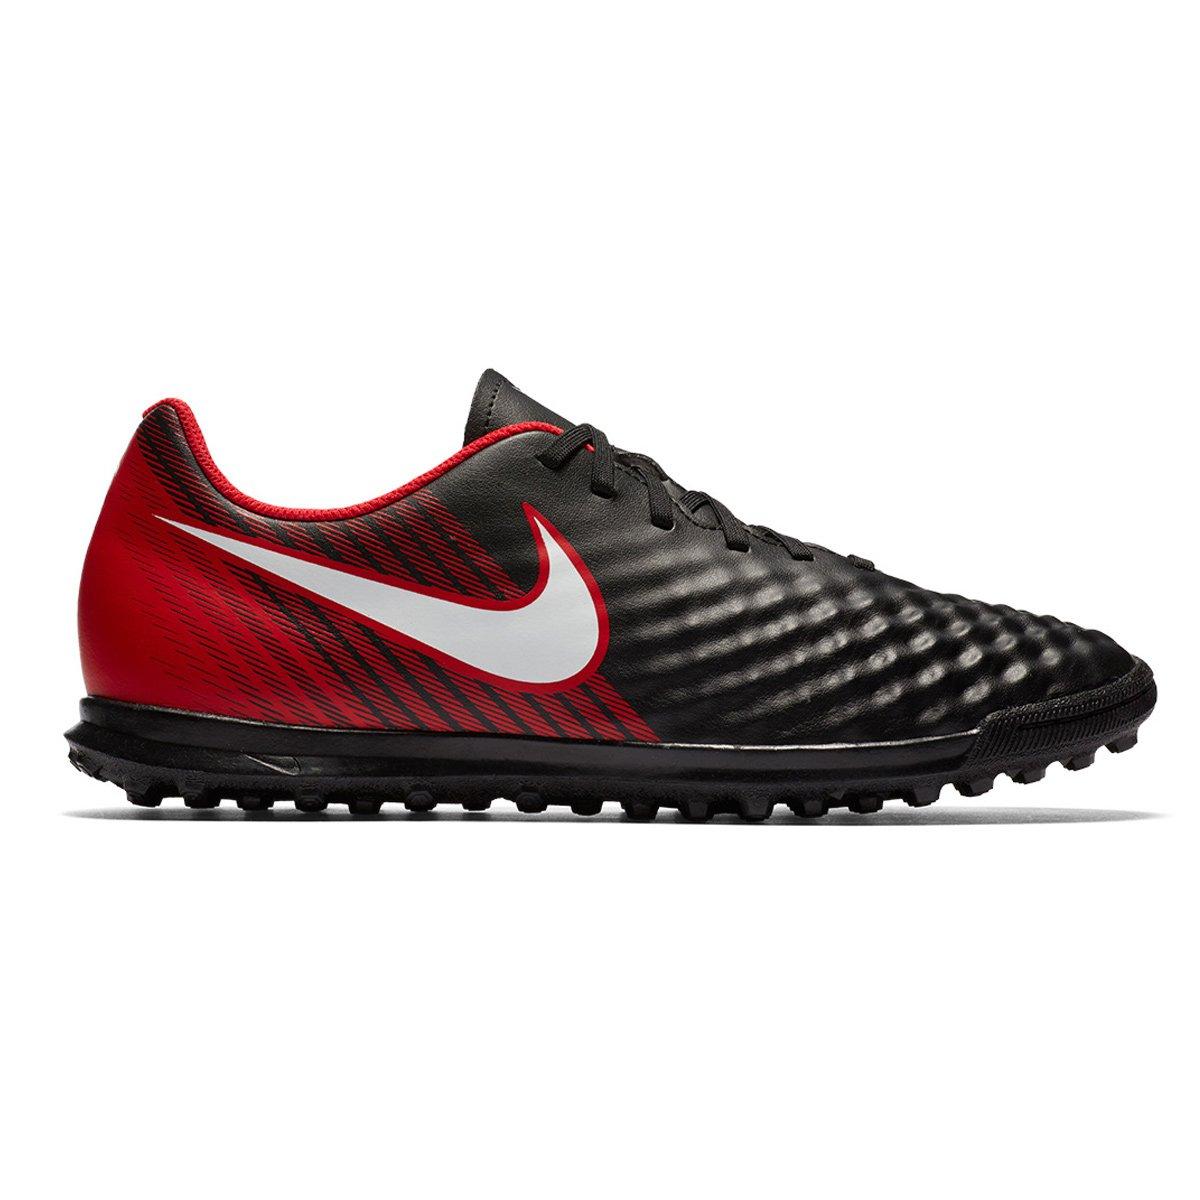 0d0ed57e4e Chuteira Society Nike Magistax Ola II TF 844408-061 Preto Vermelho